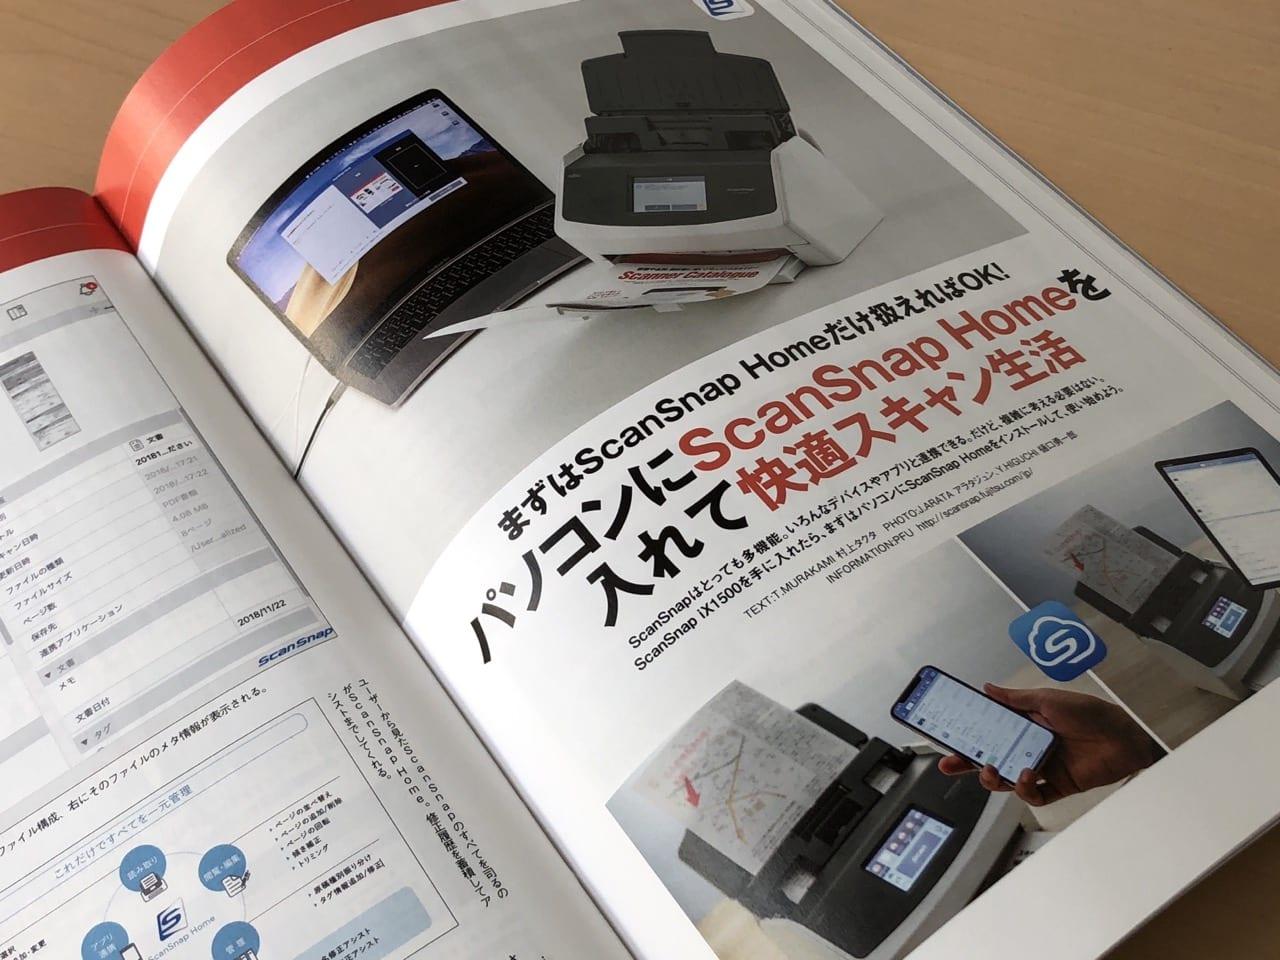 scansnap ix1500 マニュアル